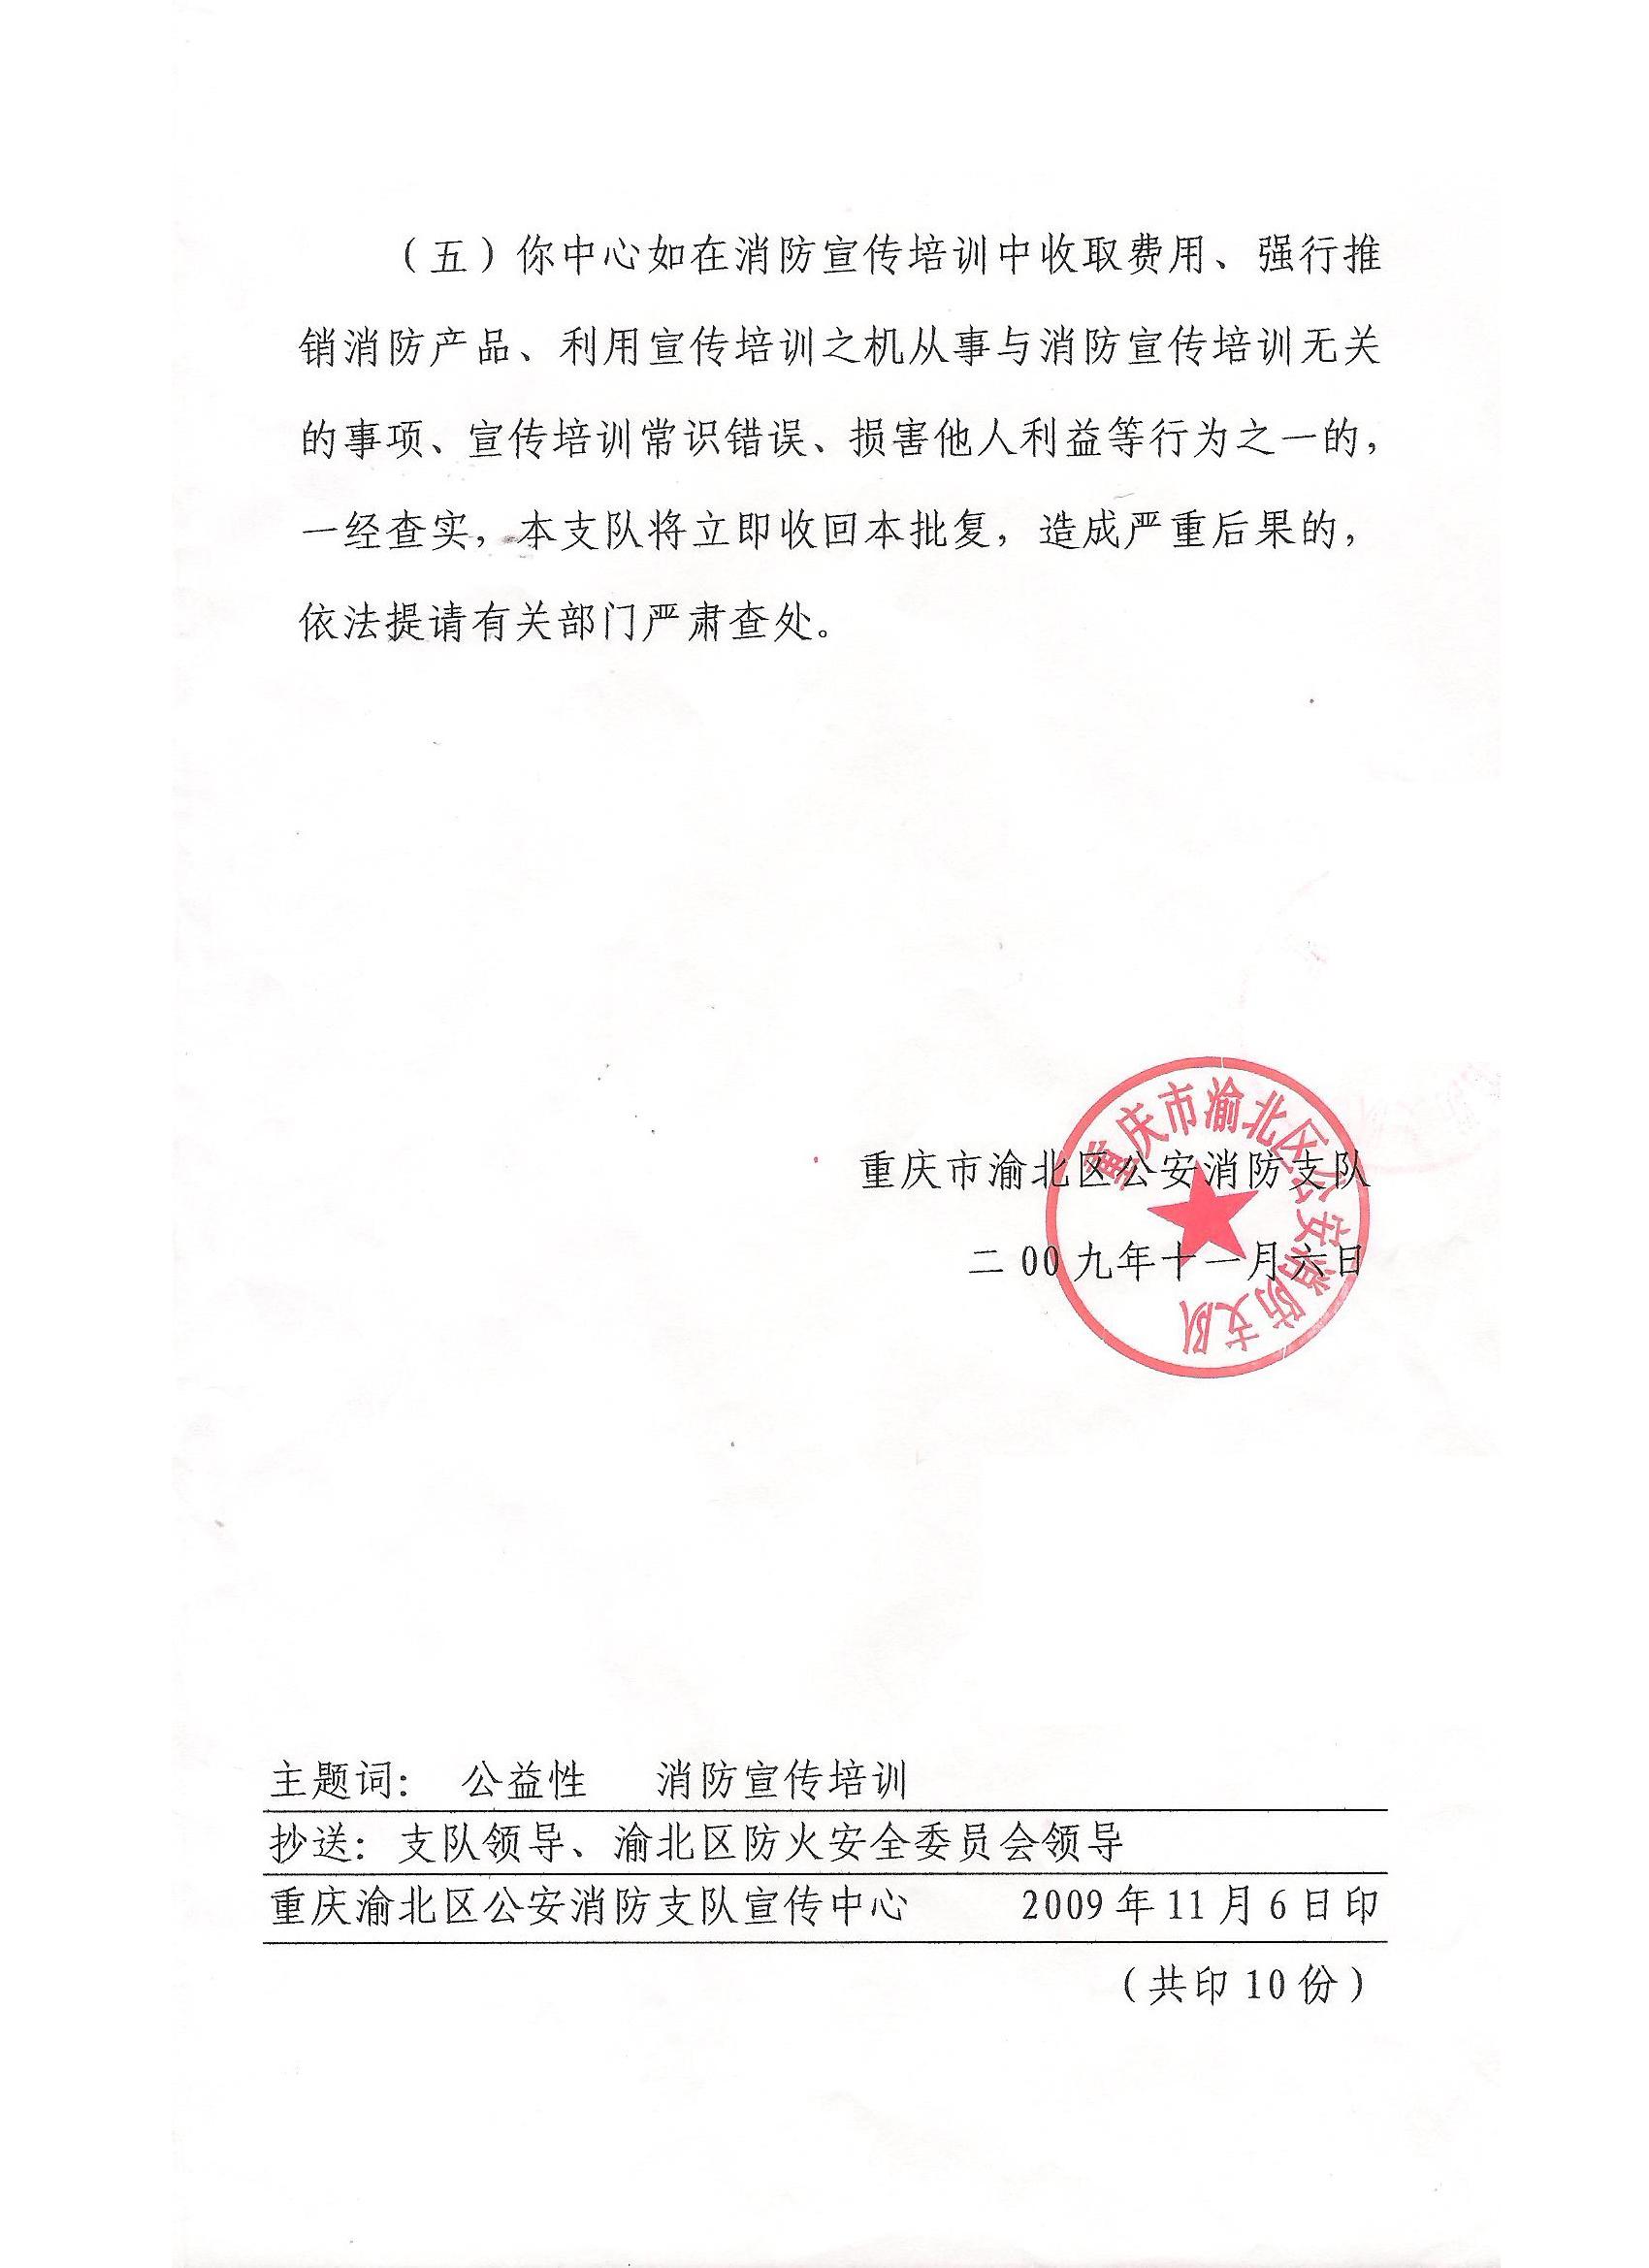 重庆市渝北区消防支队文件